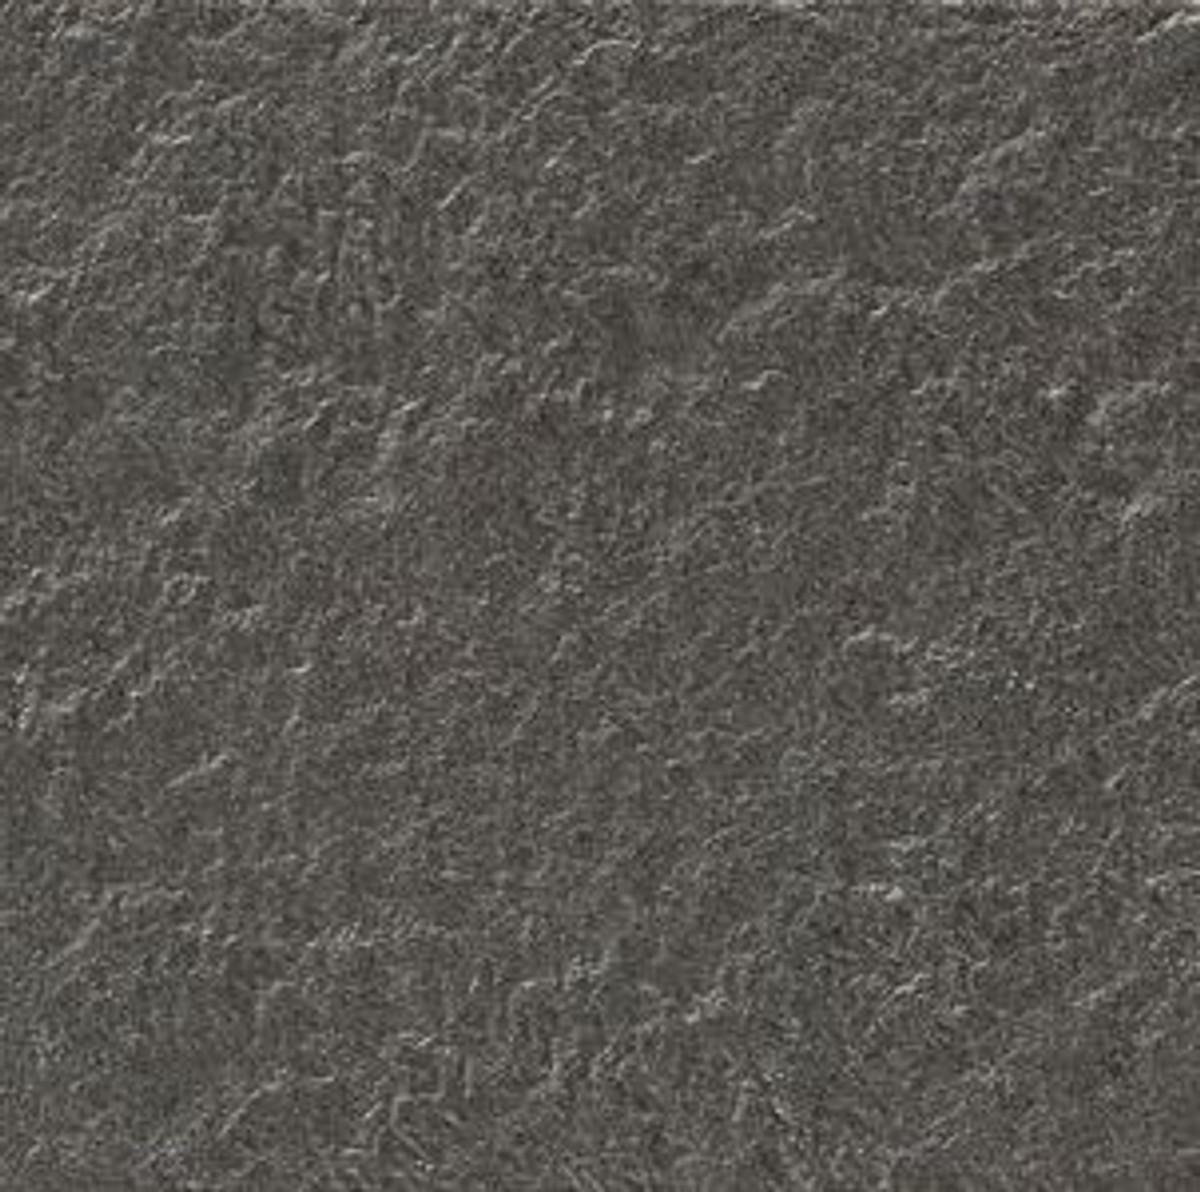 Bodenfliese Cerdisa Graniti grigio scuro slate 30 x 30 cm